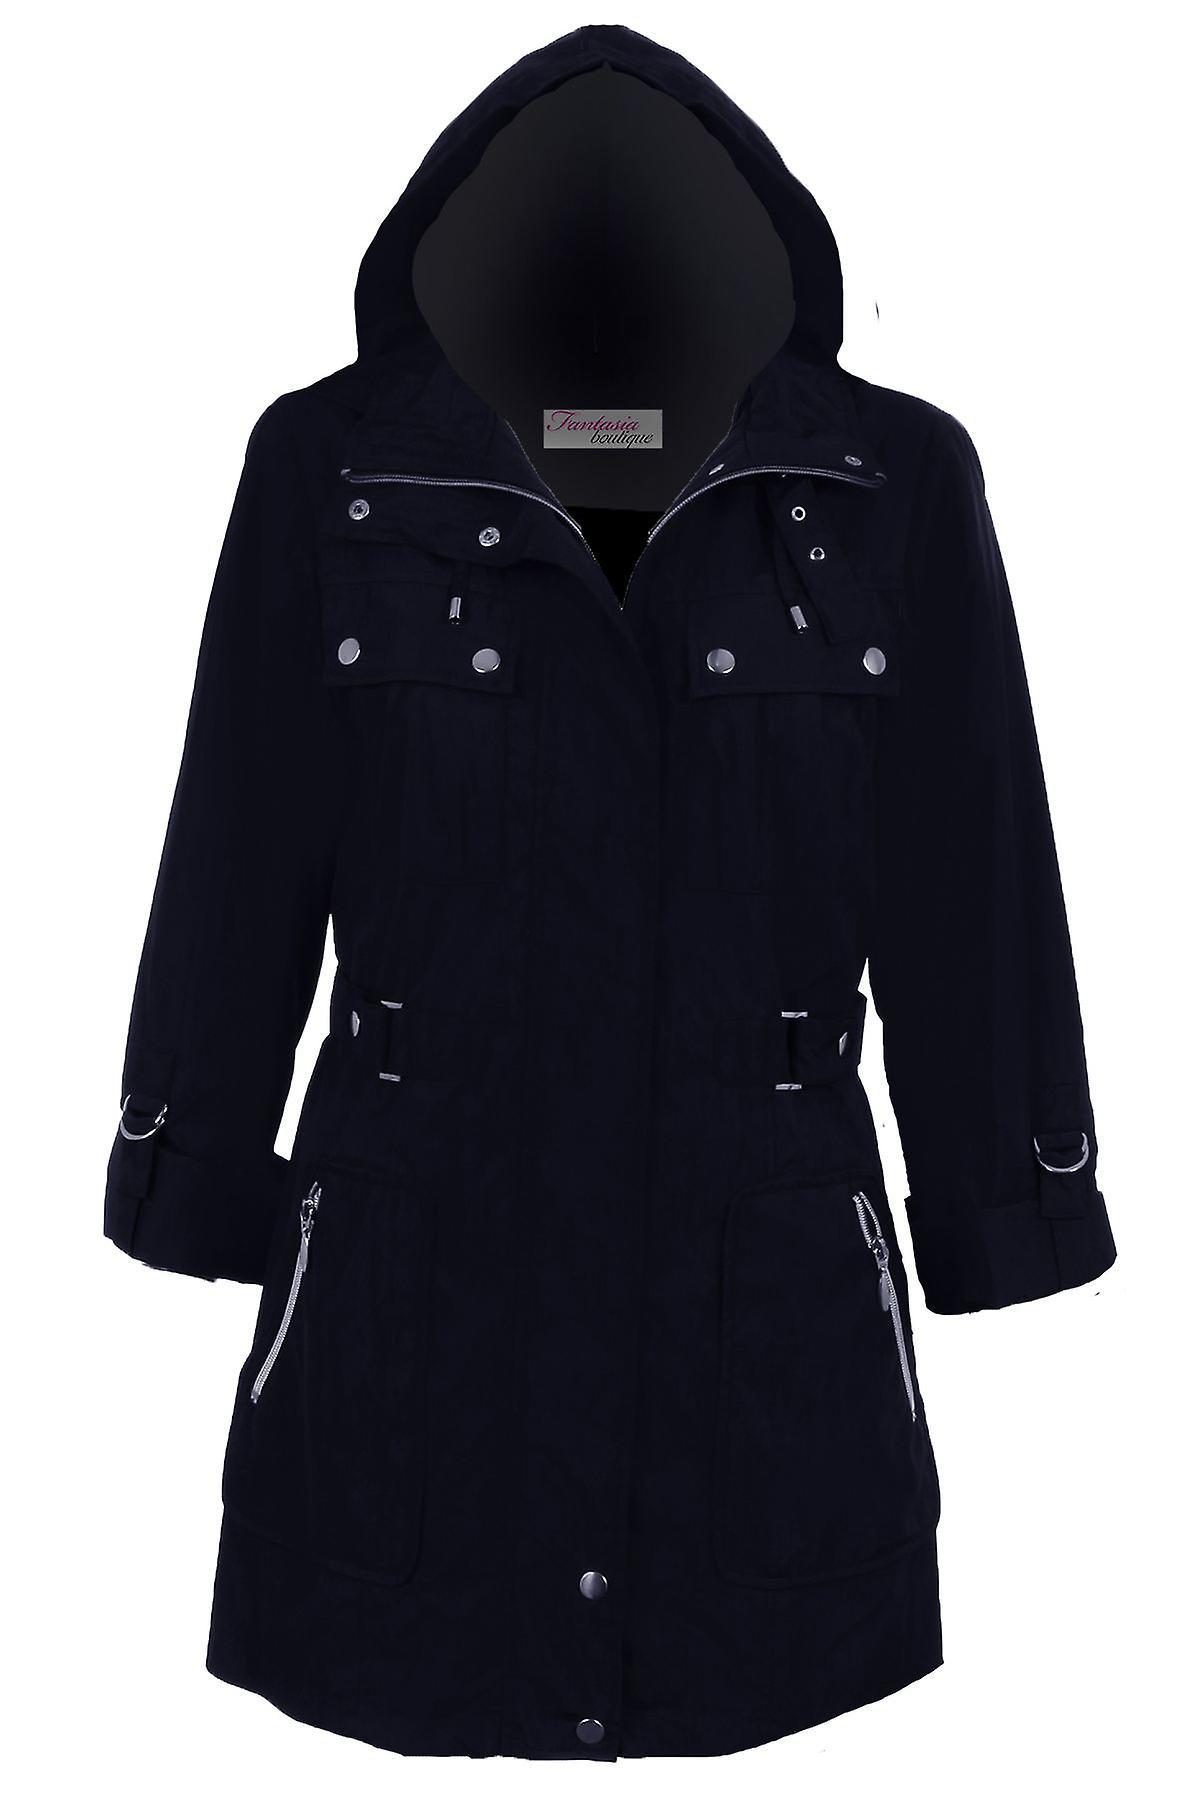 Hyvät Turn Up pitkähihainen irrotettava huppu suihkunkestävä Naisten takki